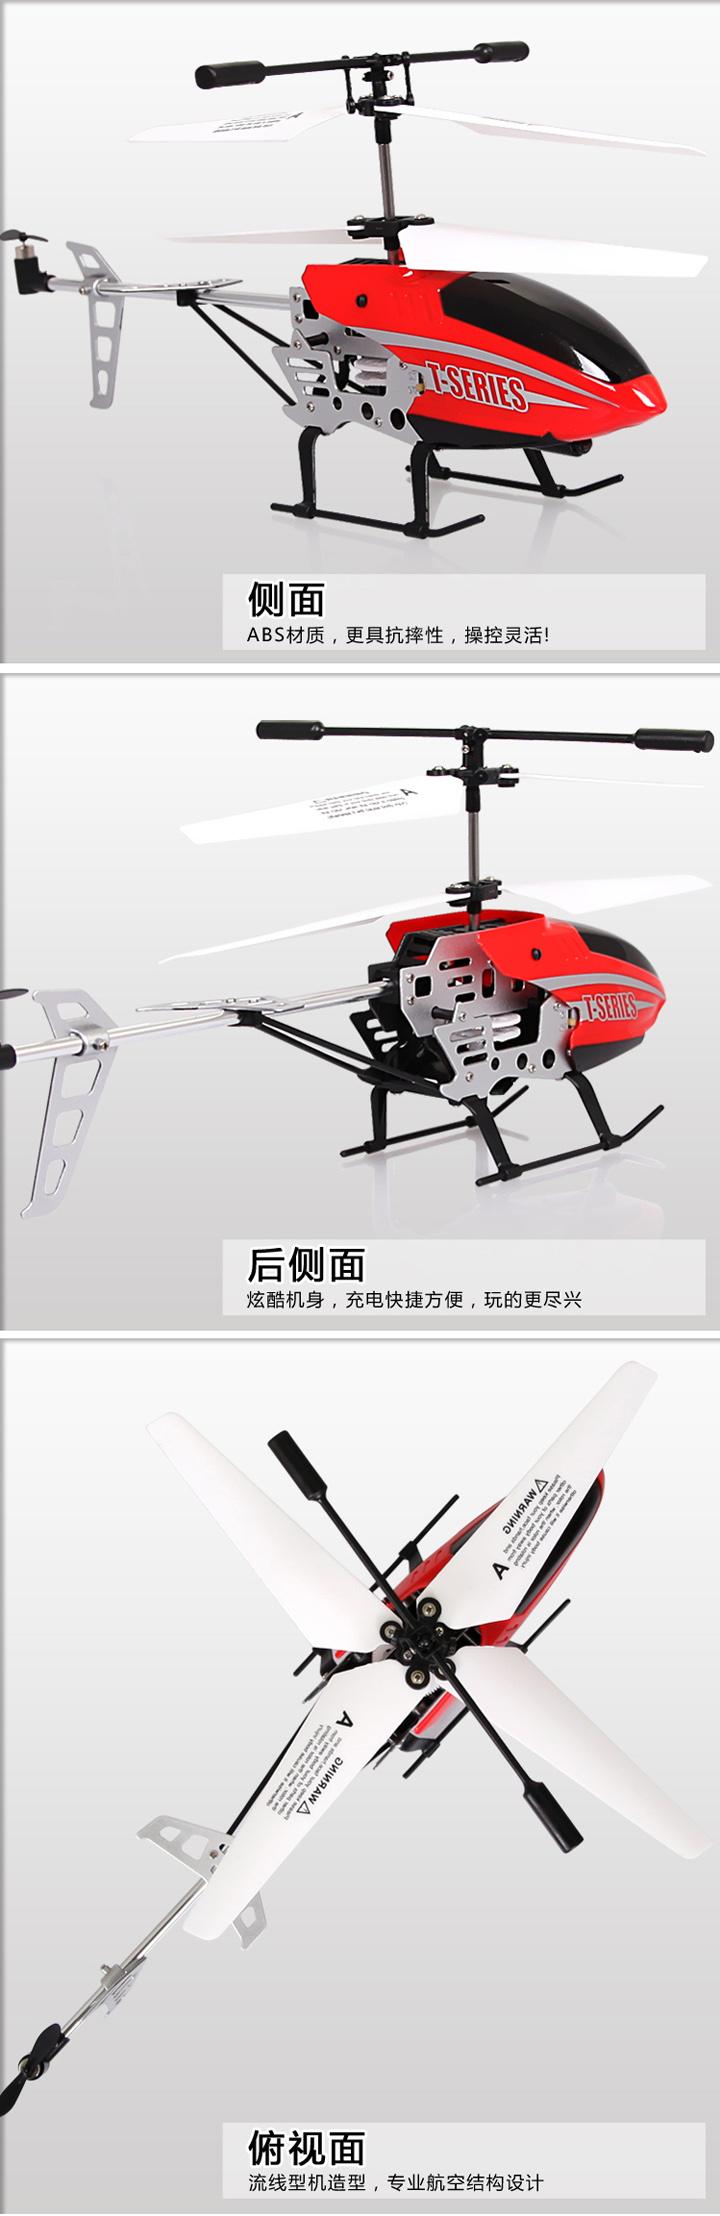 玩具乐器 电动遥控 美嘉欣 美嘉欣 航模型遥控飞机 t19 带陀螺仪